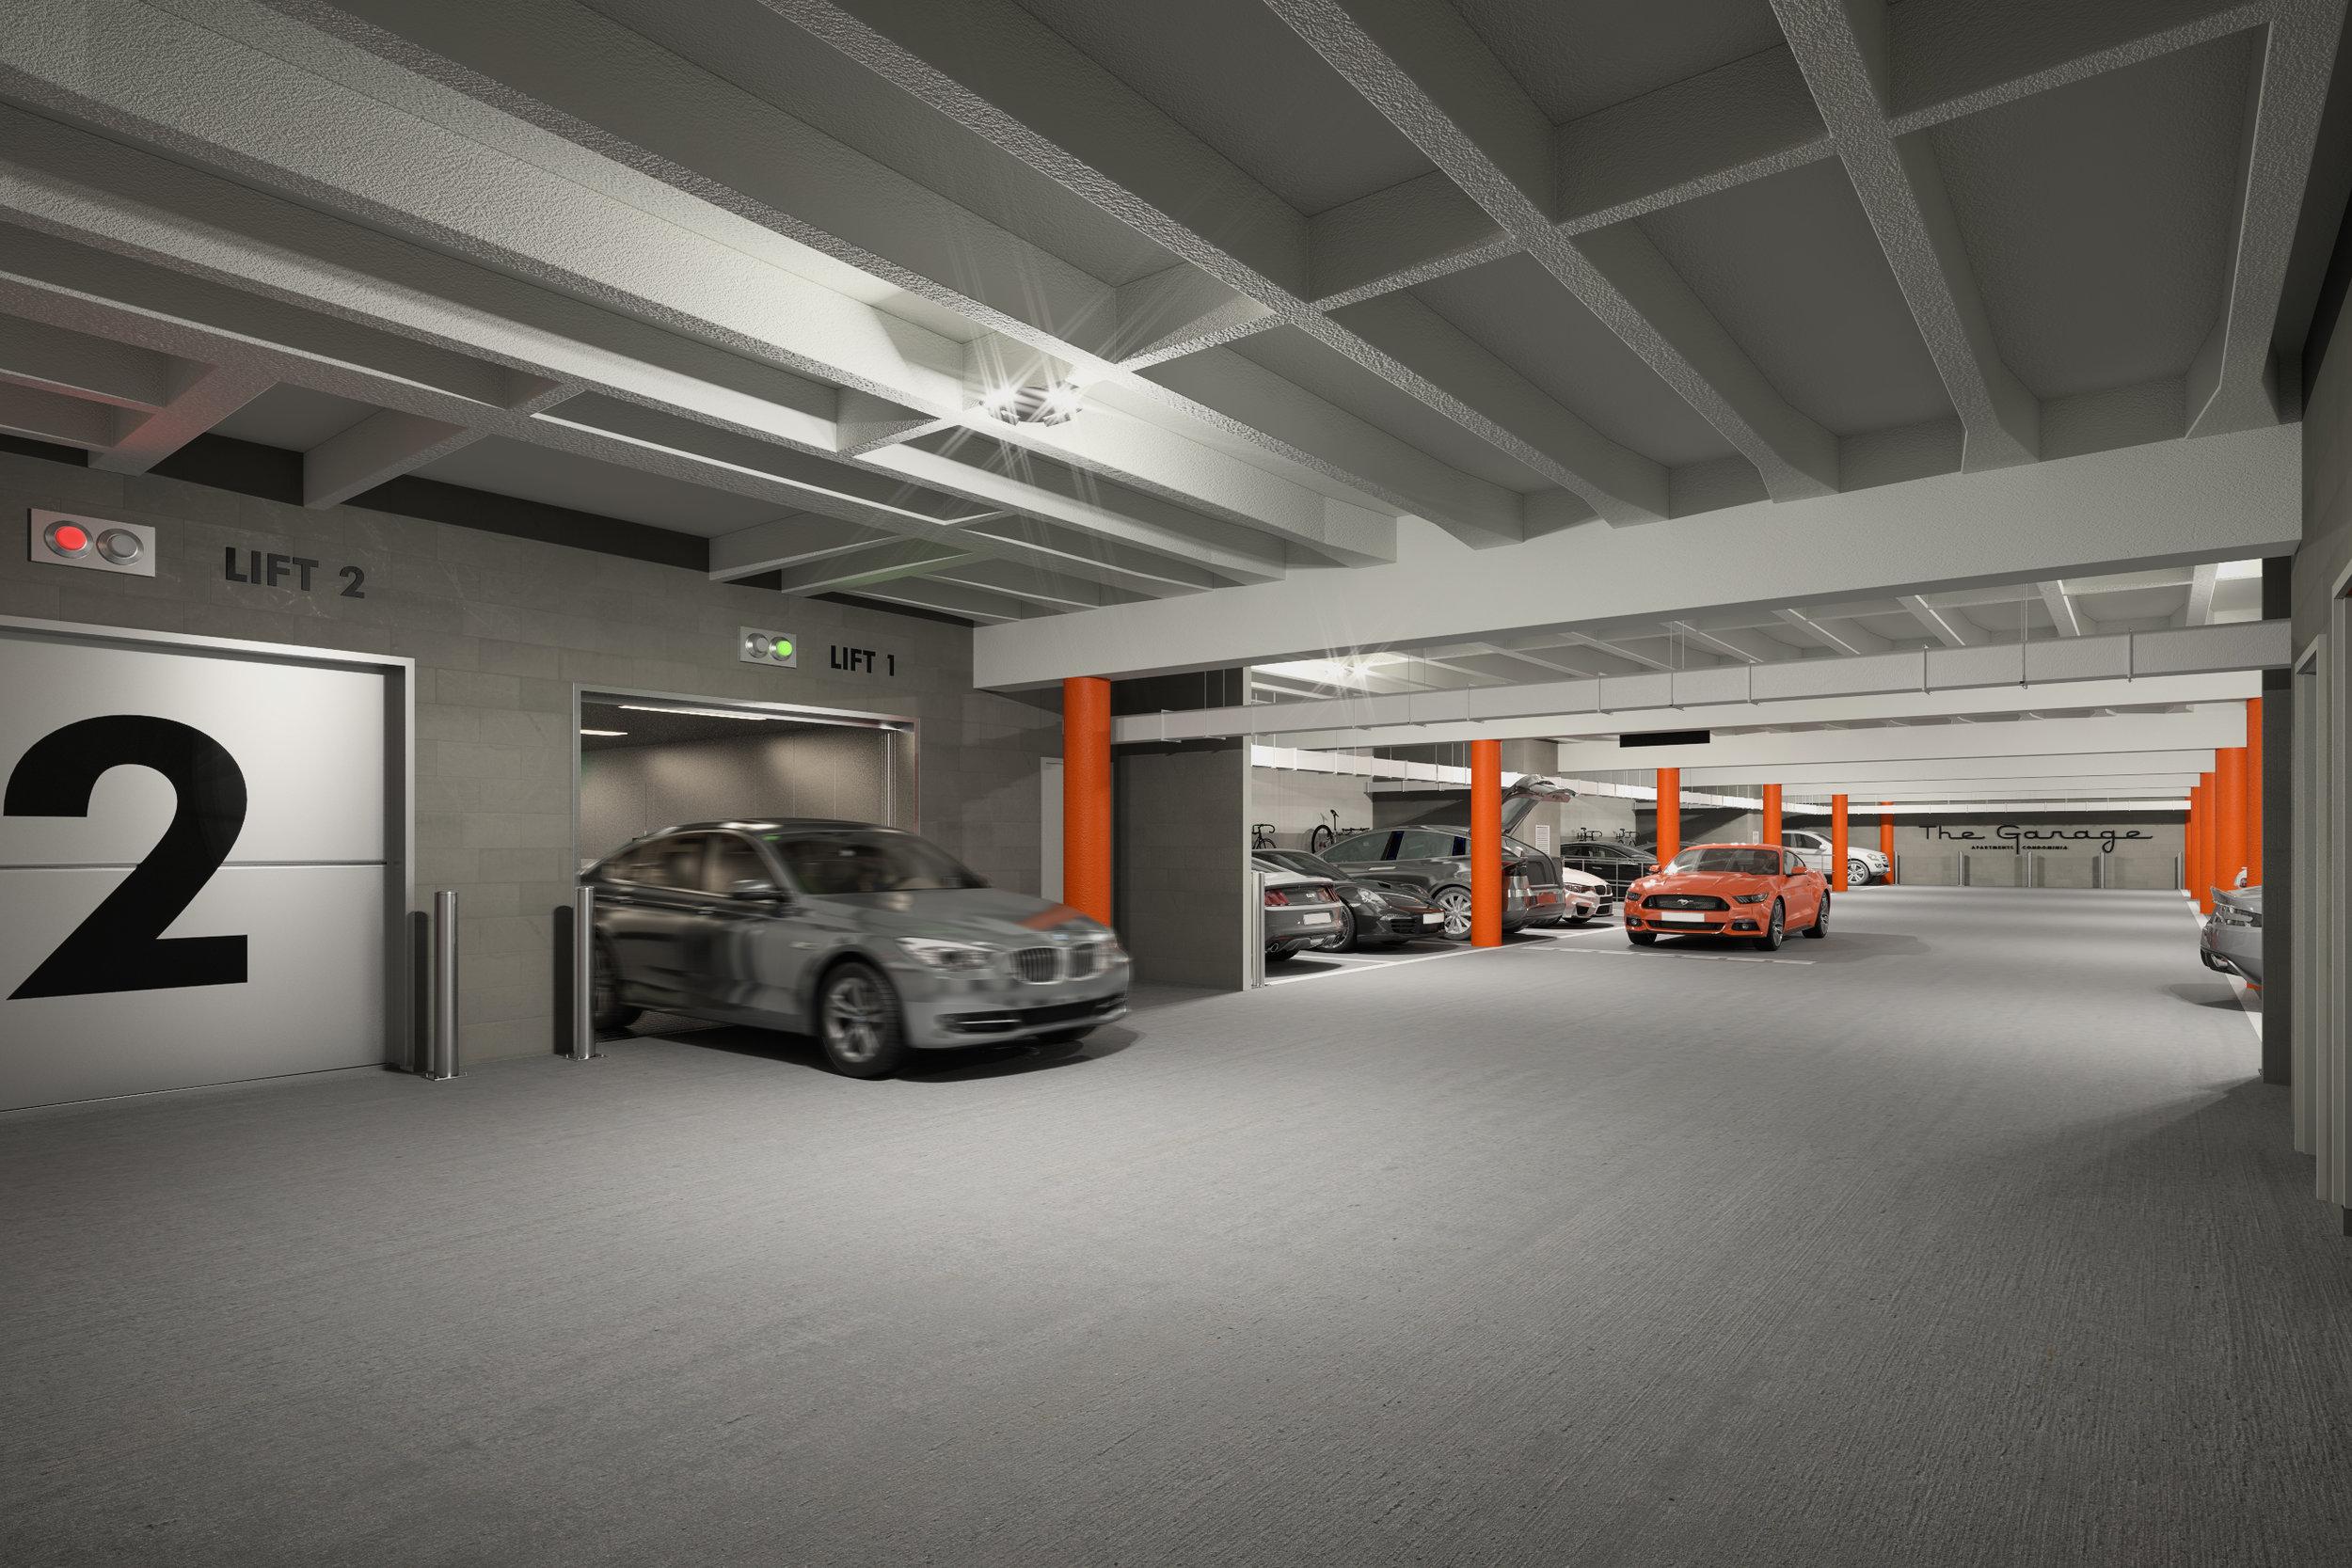 TheGarage_Parking_Interior_Cam3_121318.jpg